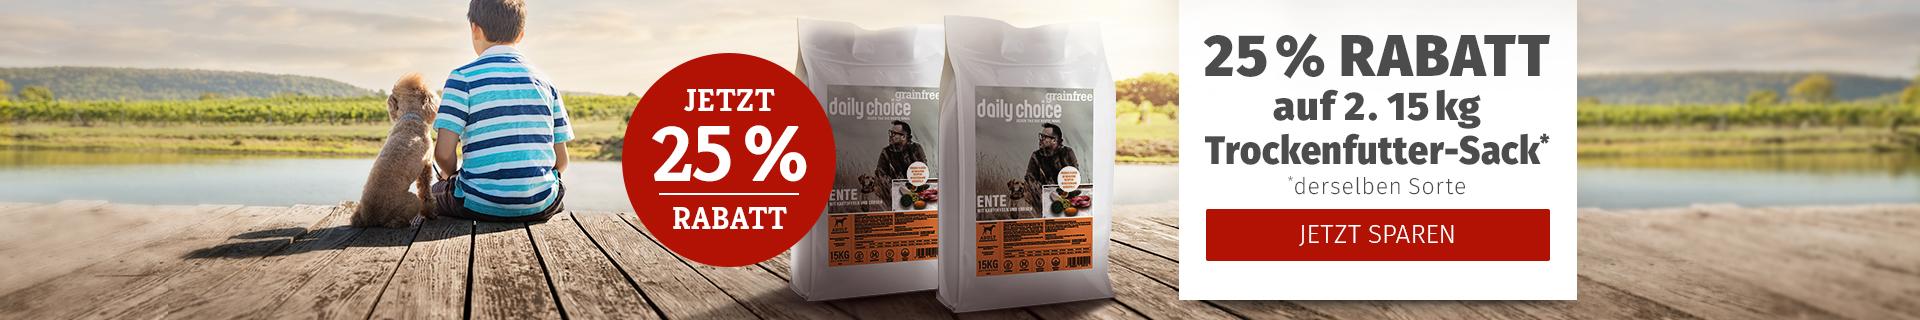 daily choice - 25% Rabatt auf 2. Trockenfutter Sack derselben Sorte